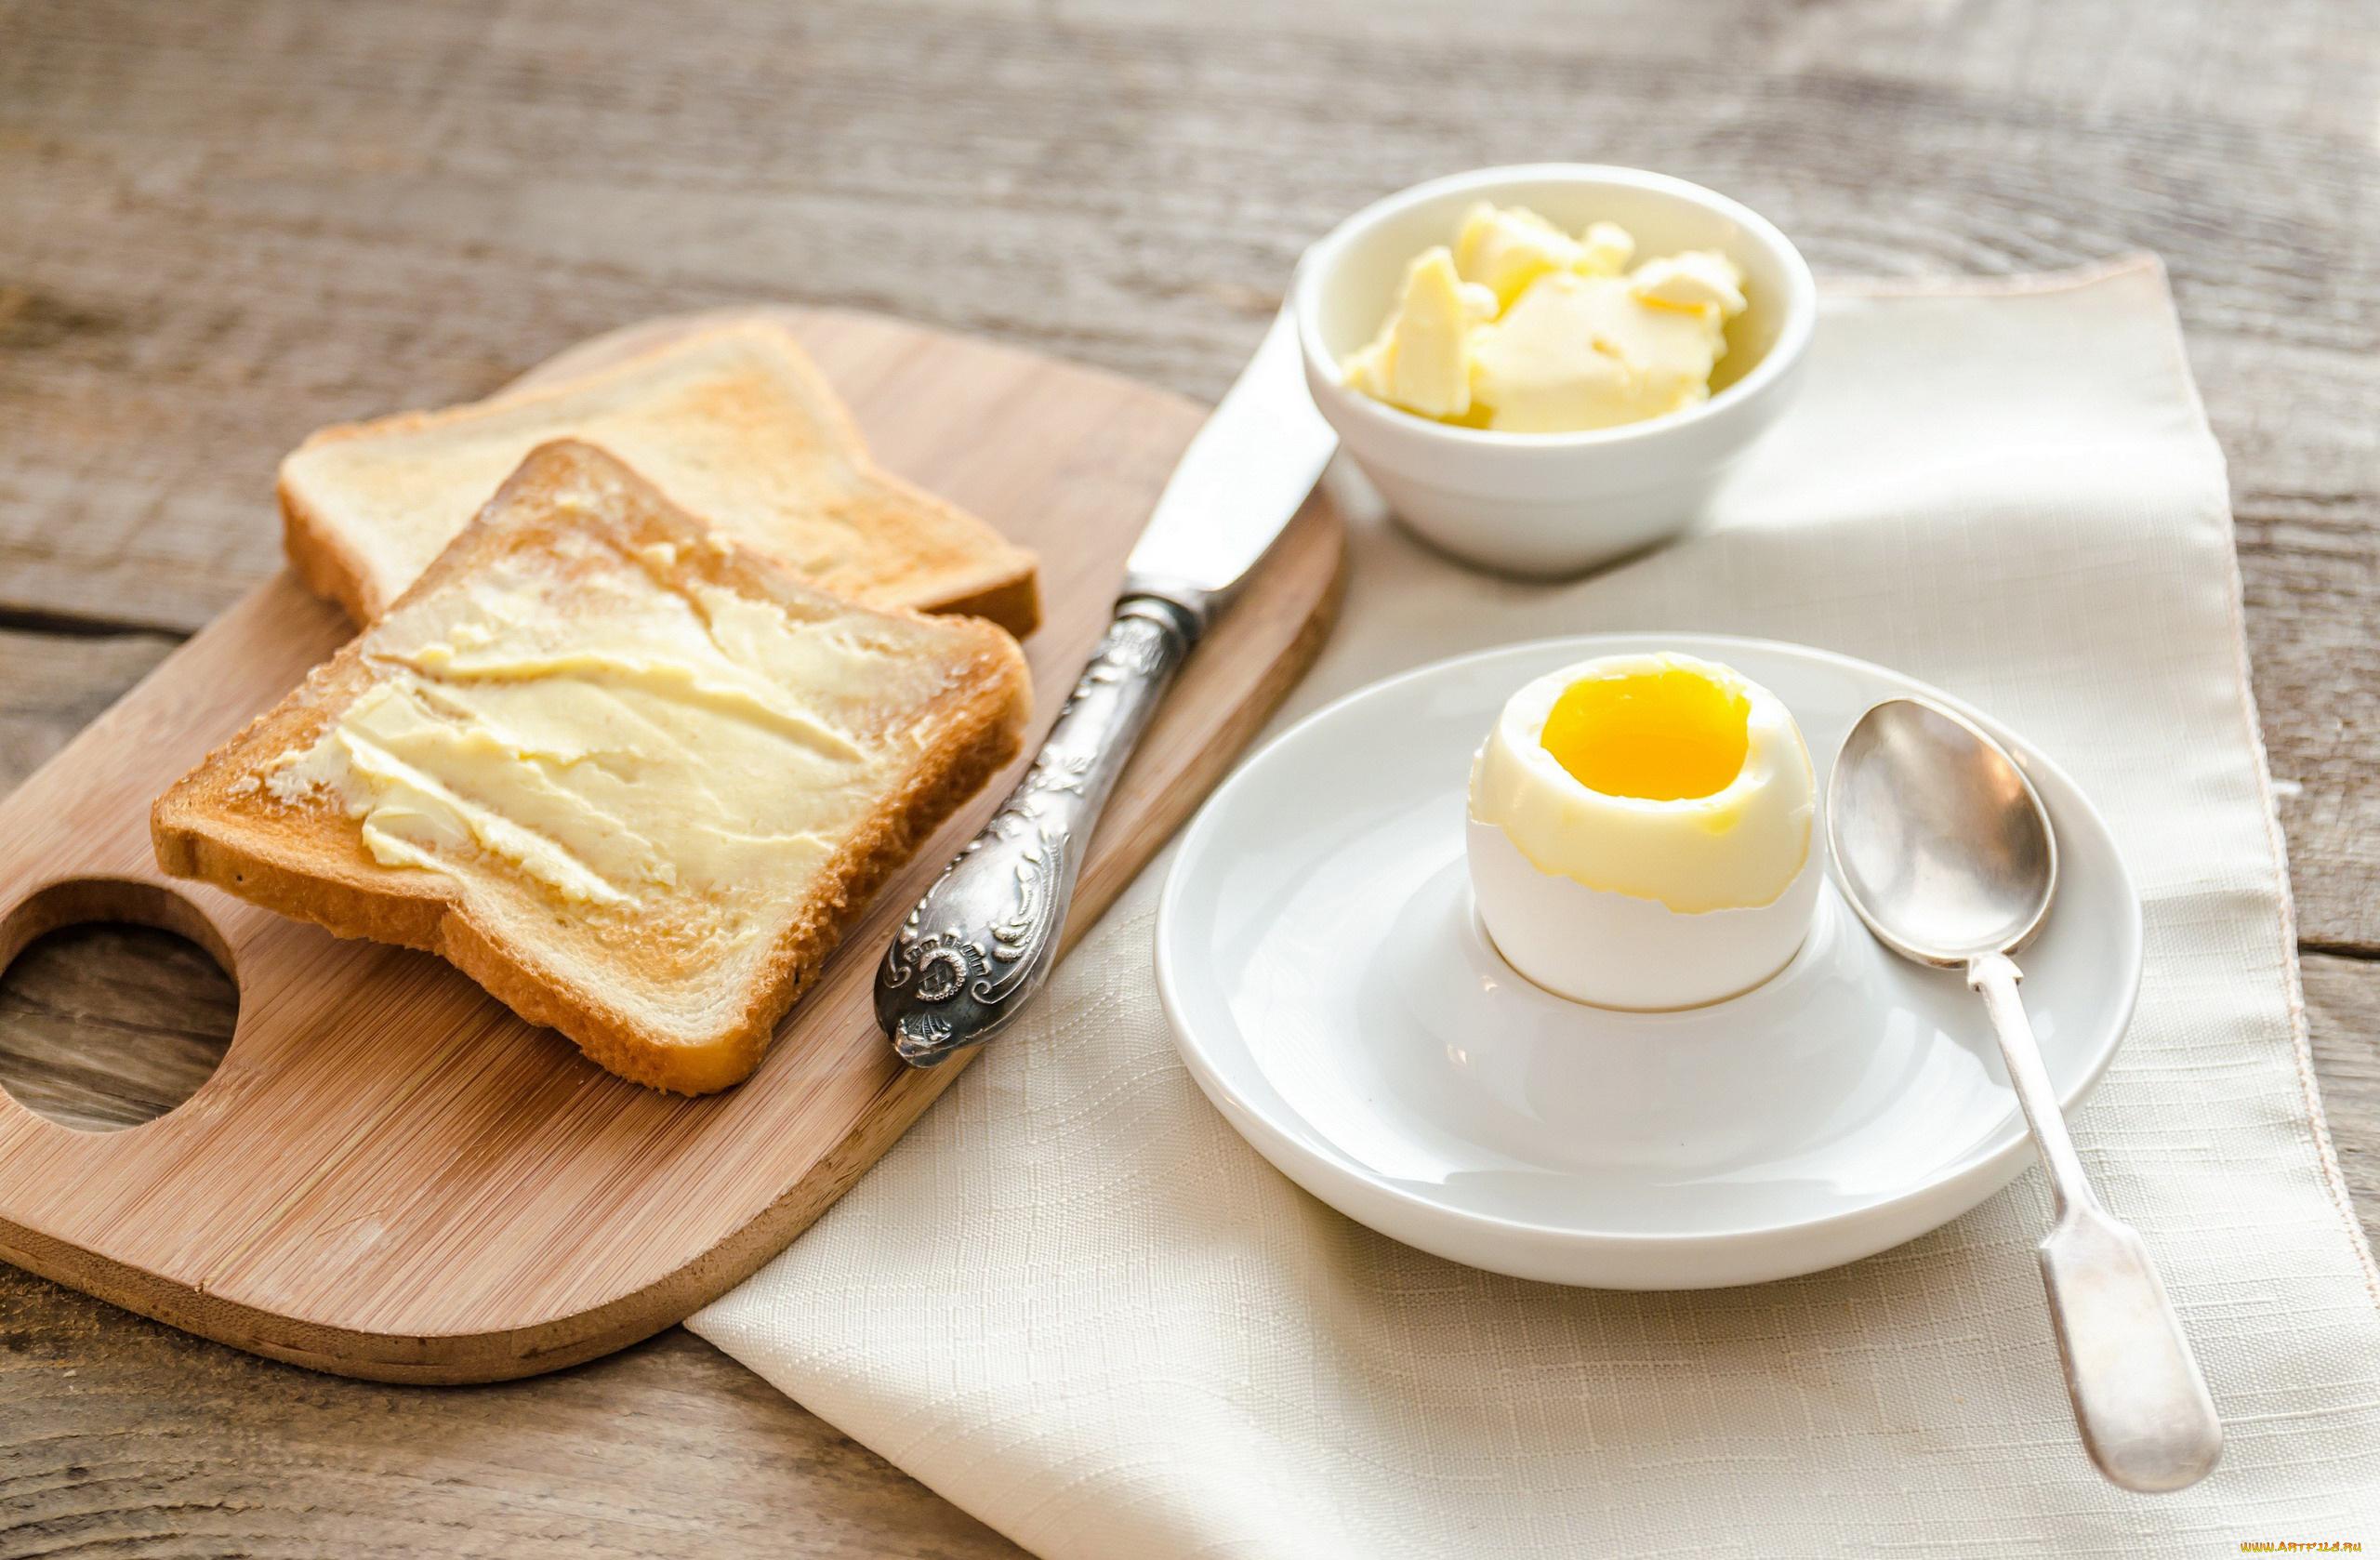 еда яичница желток  № 747004 бесплатно